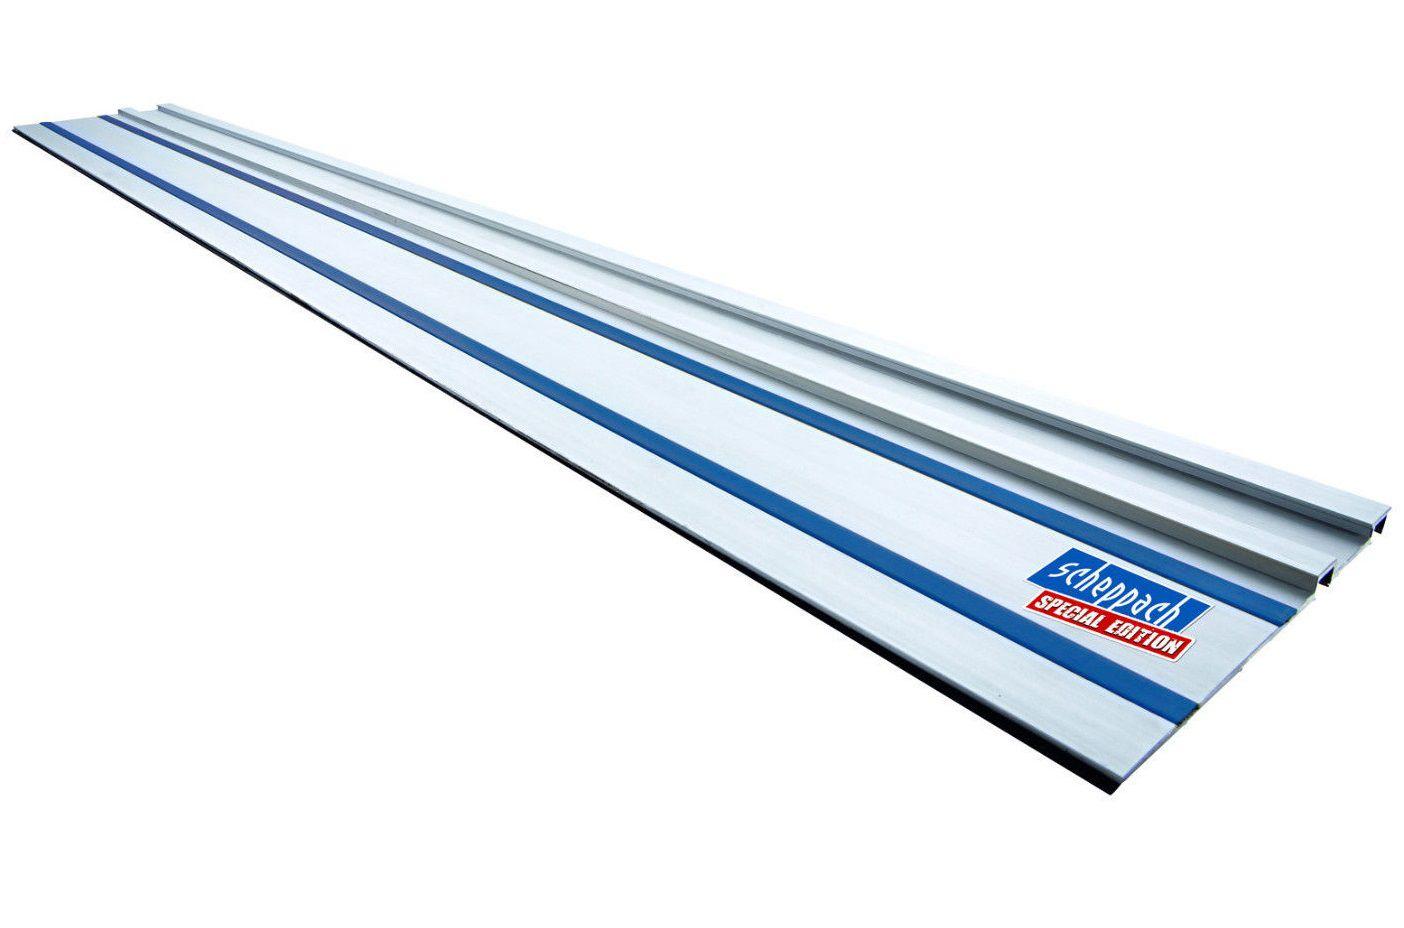 Hliníková vodící lišta 1400mm pro kotoučovou pilu Scheppach PL 55, PL 75, CS 55, Woodster Divar 55 (4901802701)